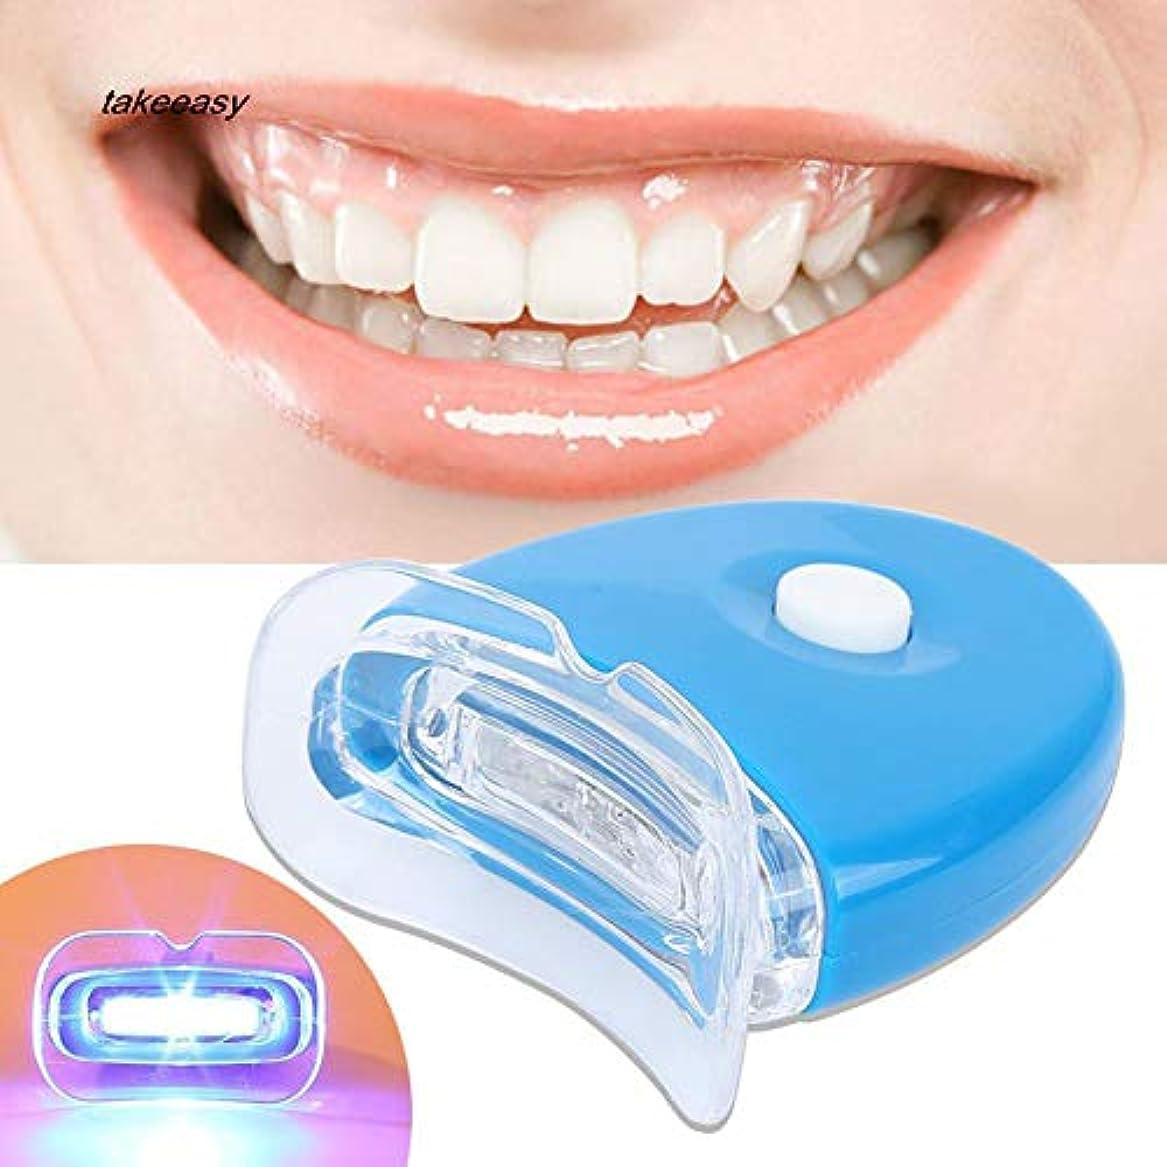 脇に教育者不当歯ホワイトニング器 歯美白器 美歯器 ホワイトニング ホワイトナー ケア 歯の消しゴム 歯科機器 口腔ゲルキット ライト付き 歯を白くする